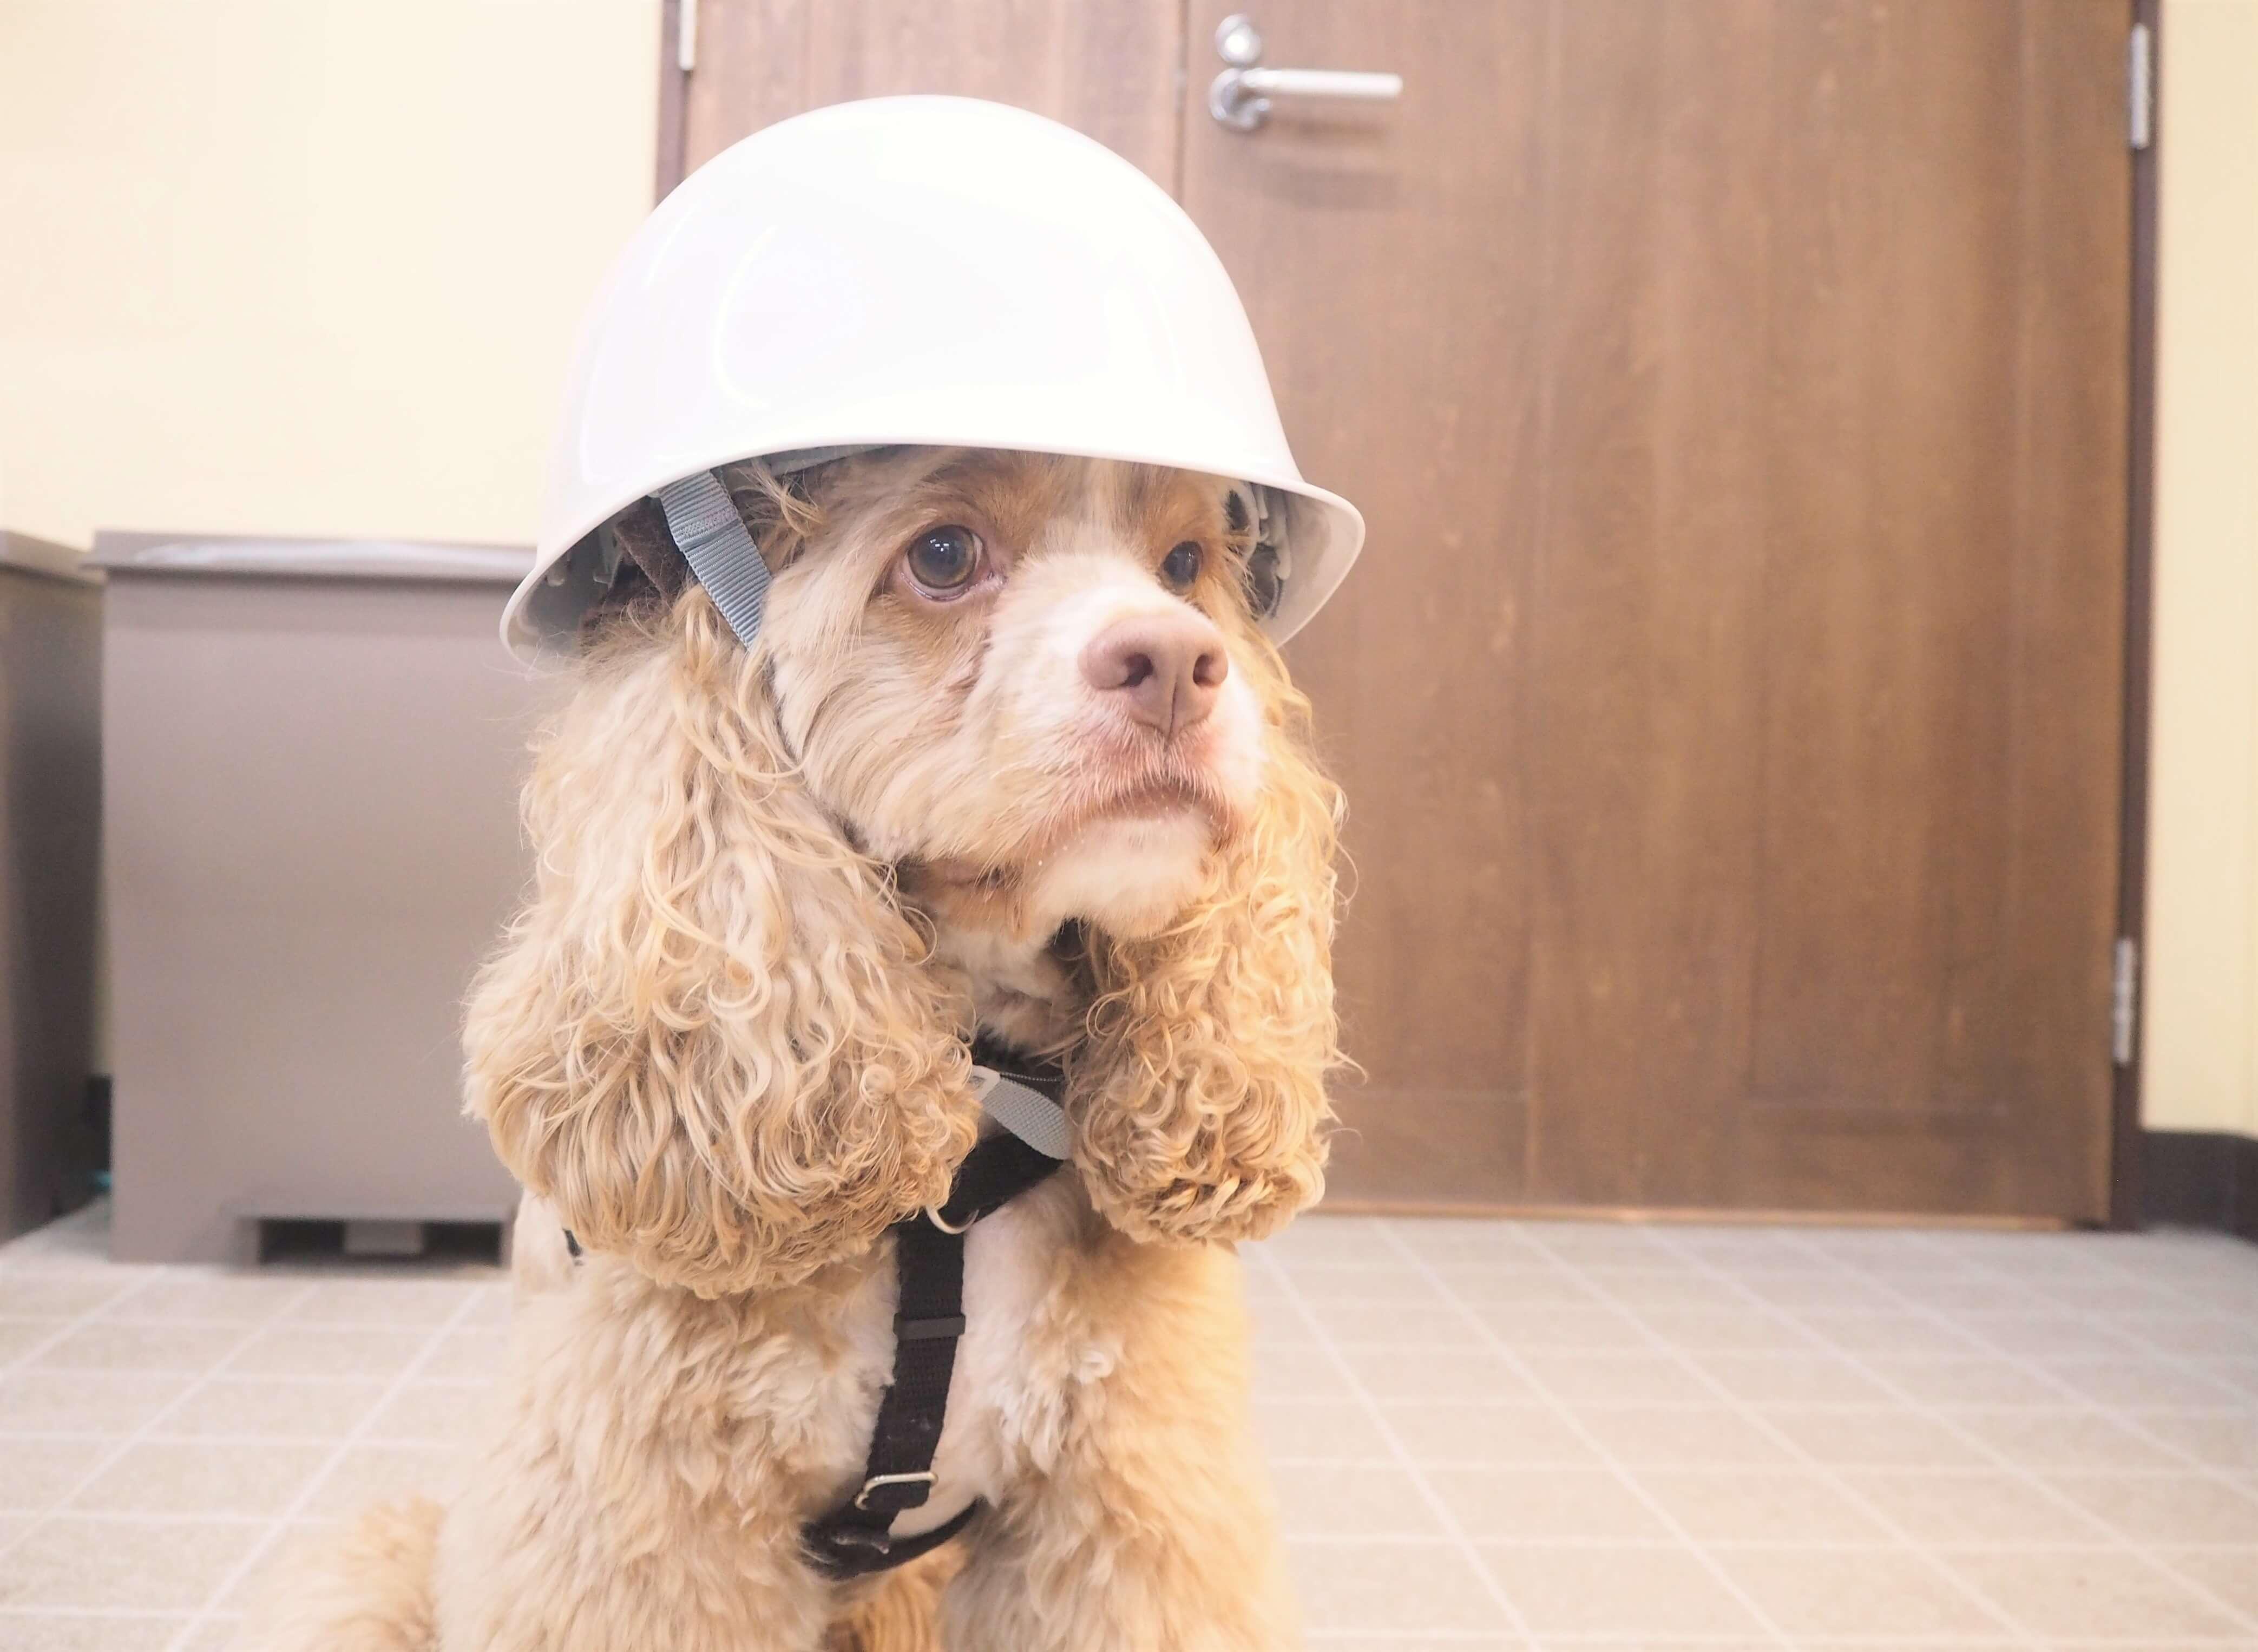 4月20日(土) 防災セミナー開催!いざという時のために愛犬と防災に備えよう!【横浜ドッグウィーク】